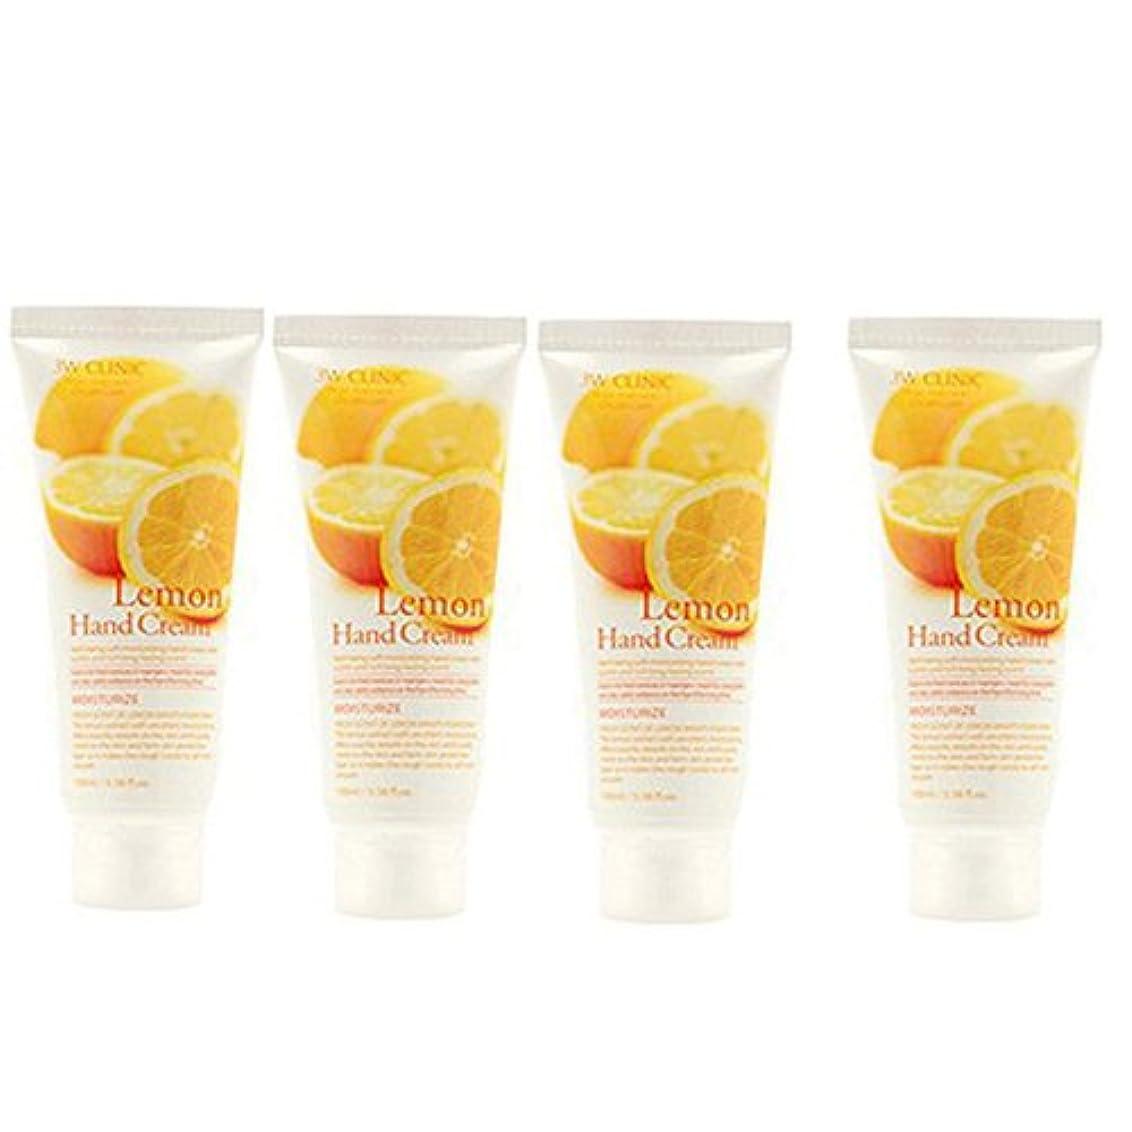 テセウス早めるレシピ3w Clinic[韓国コスメARRAHAN]Moisturizing Lemon Hand Cream モイスチャーリングレモンハンドクリーム100mlX4個 [並行輸入品]